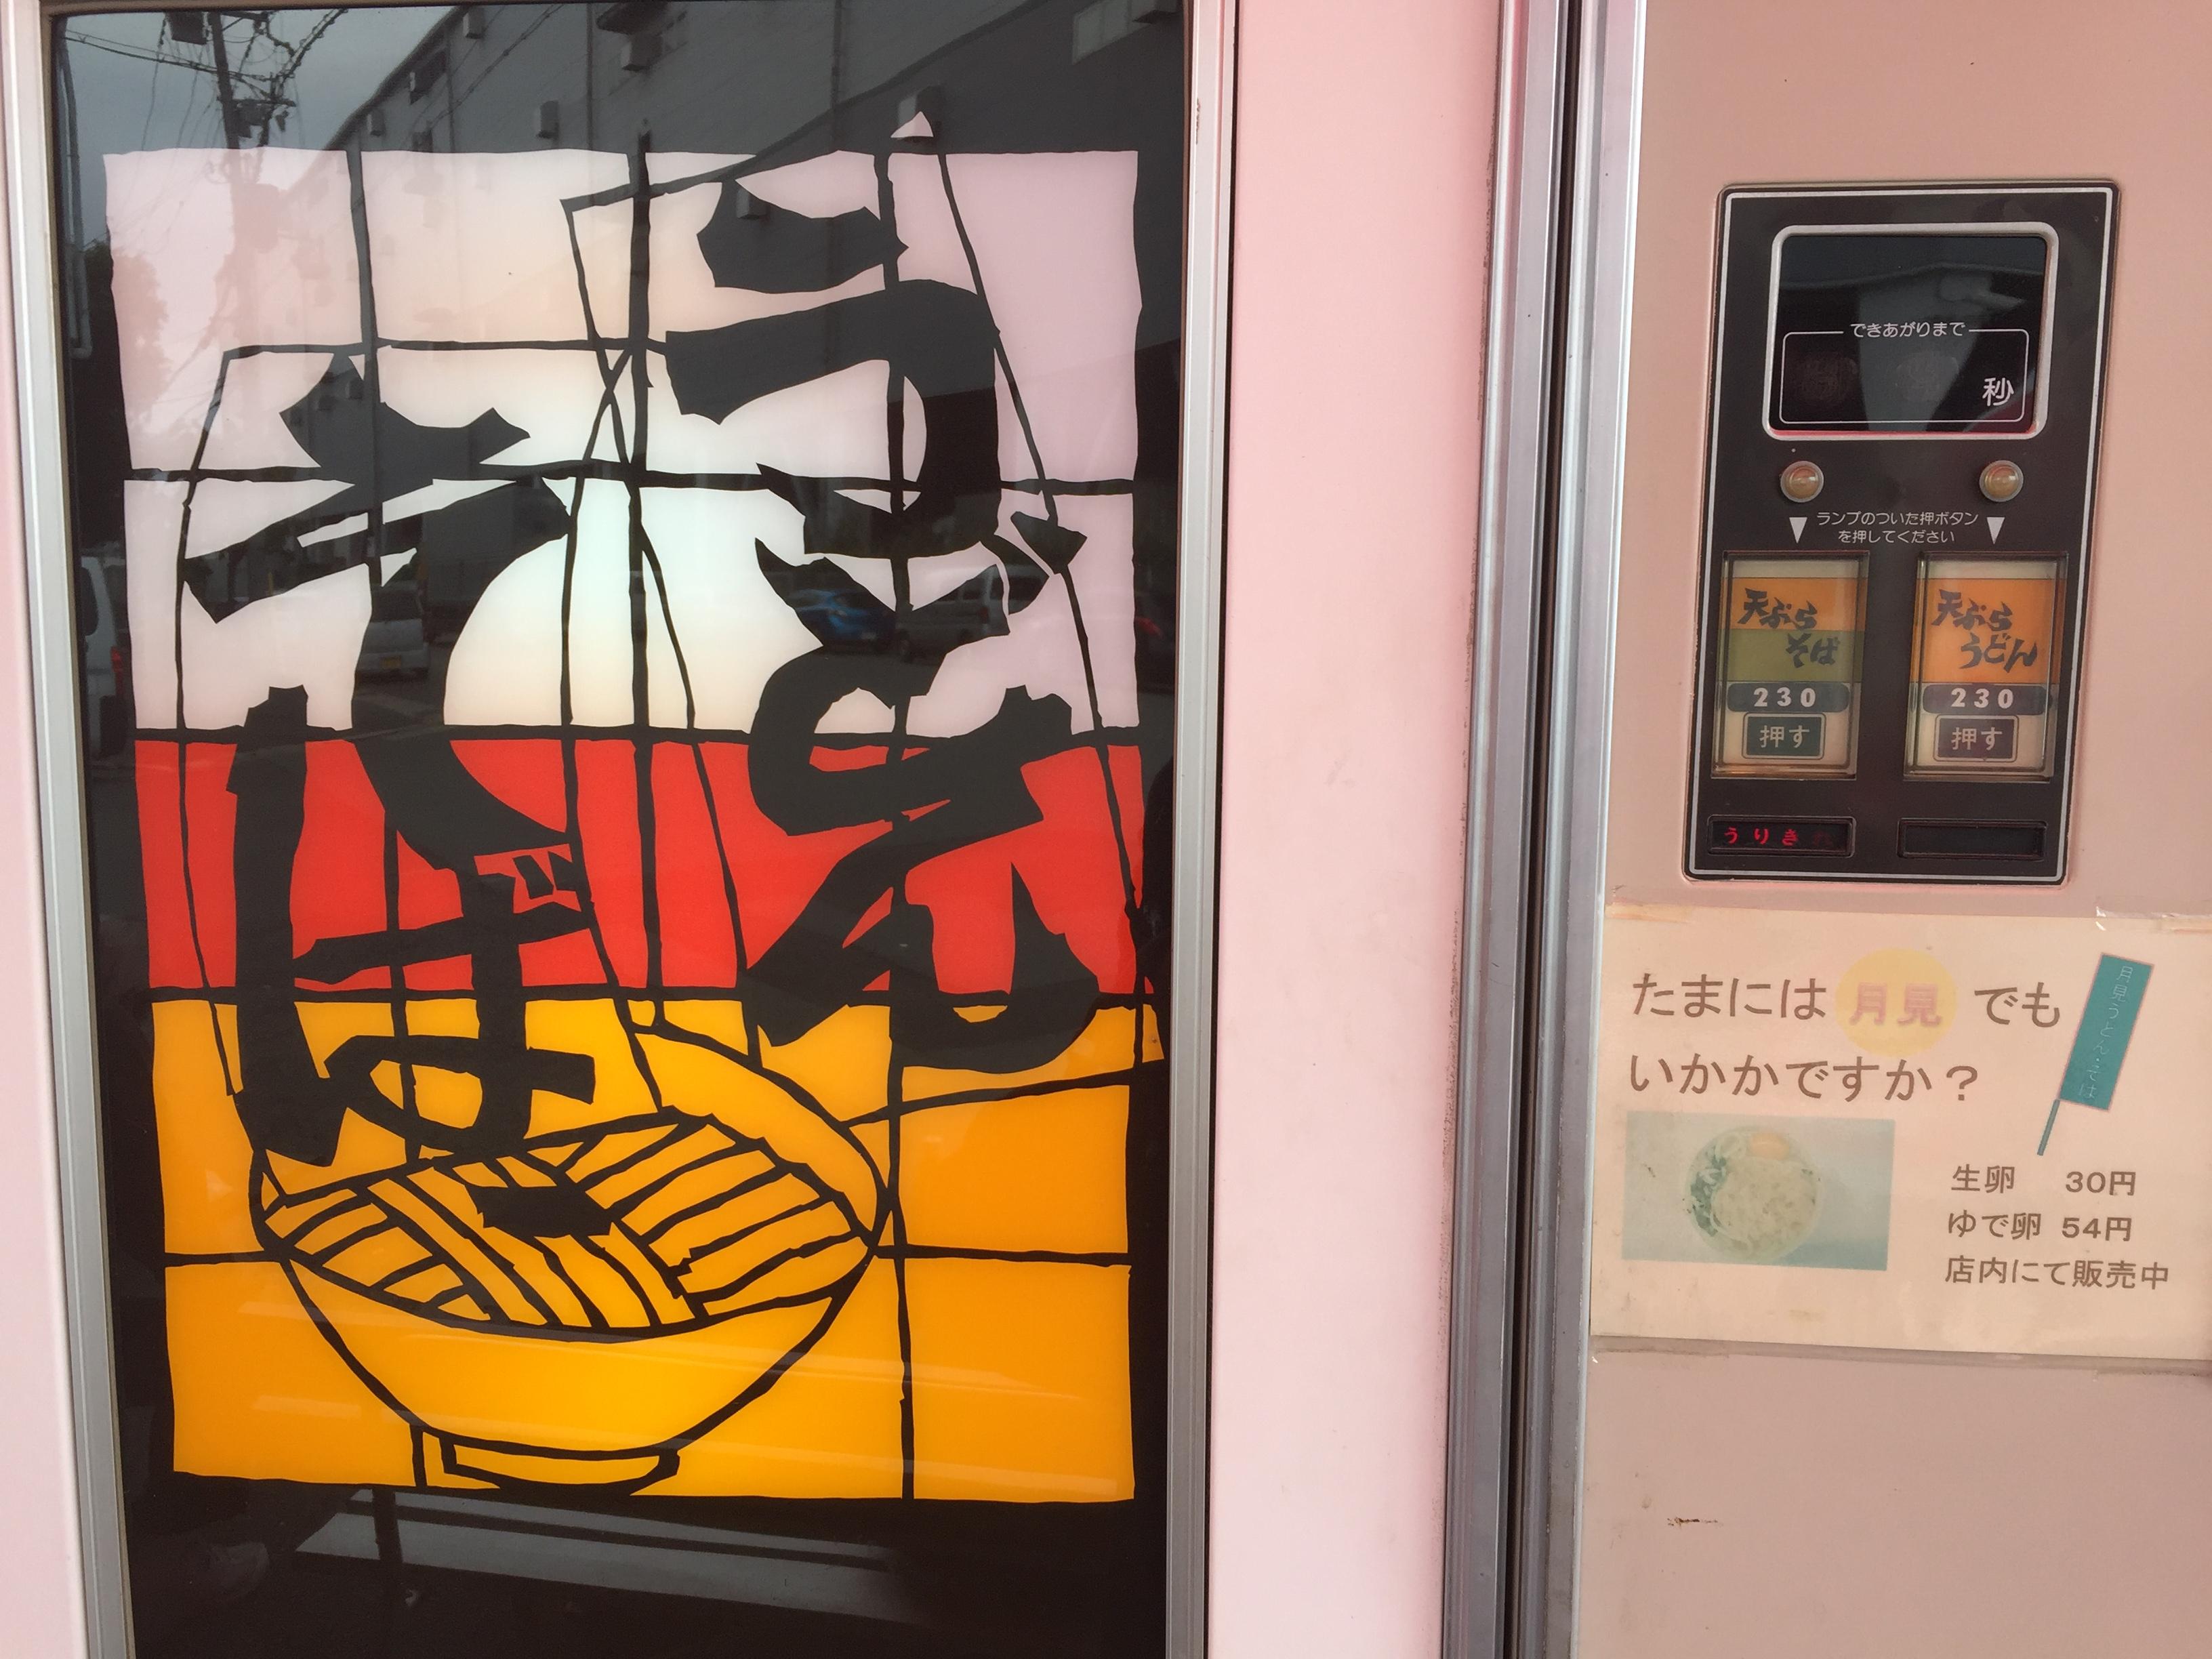 【※動画あり】神戸市内唯一の「うどん自販機」で天ぷらうどんを食べてみた!@東灘・深江浜「石田鶏卵」 #うどん自販機 #富士電機